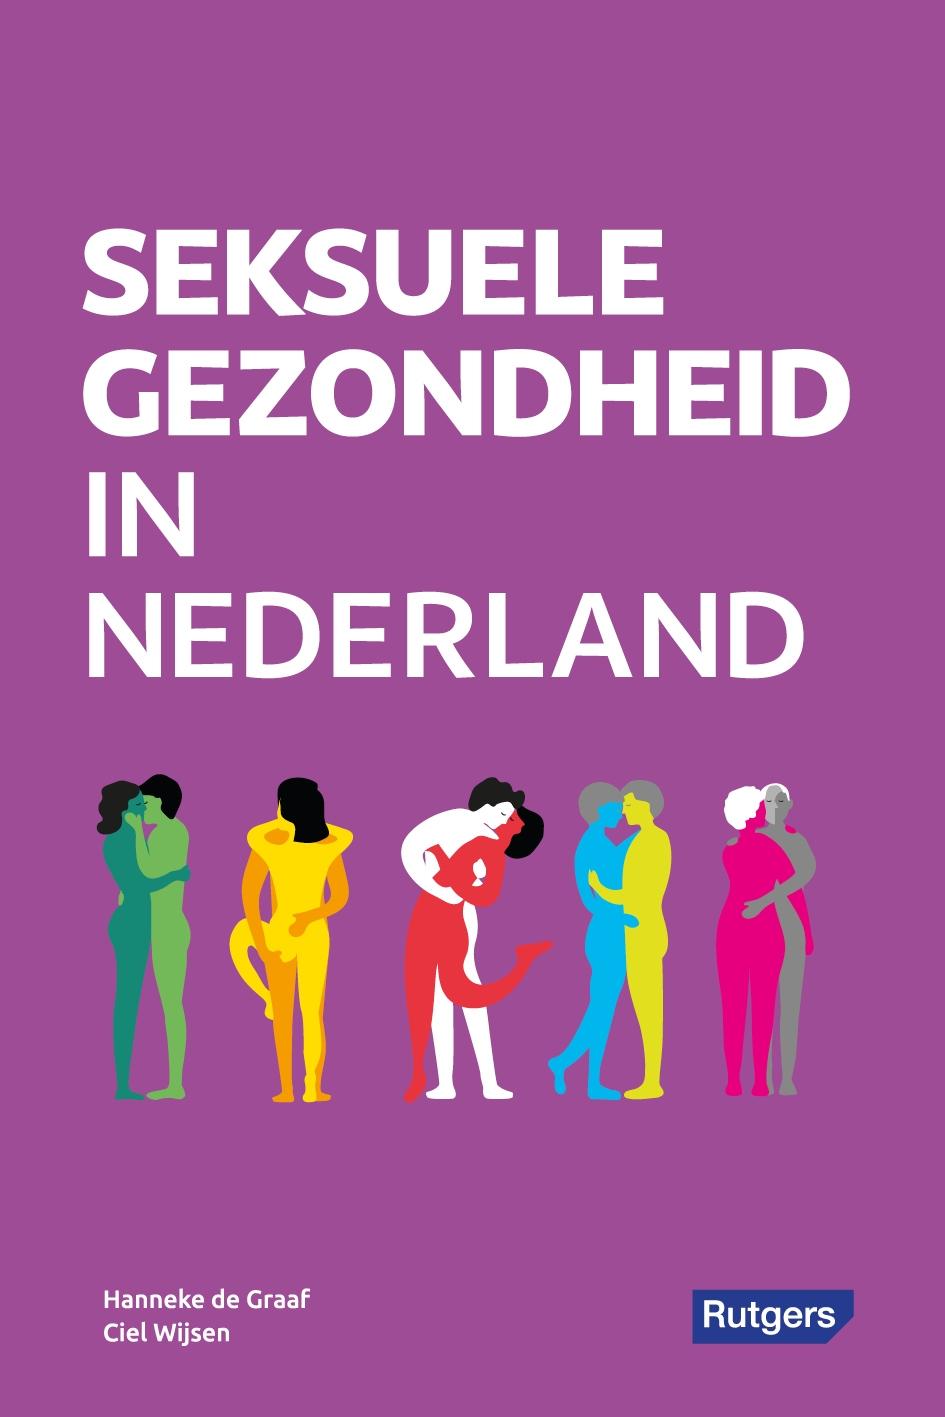 Hanneke lesbische porno haar Porn Red Star